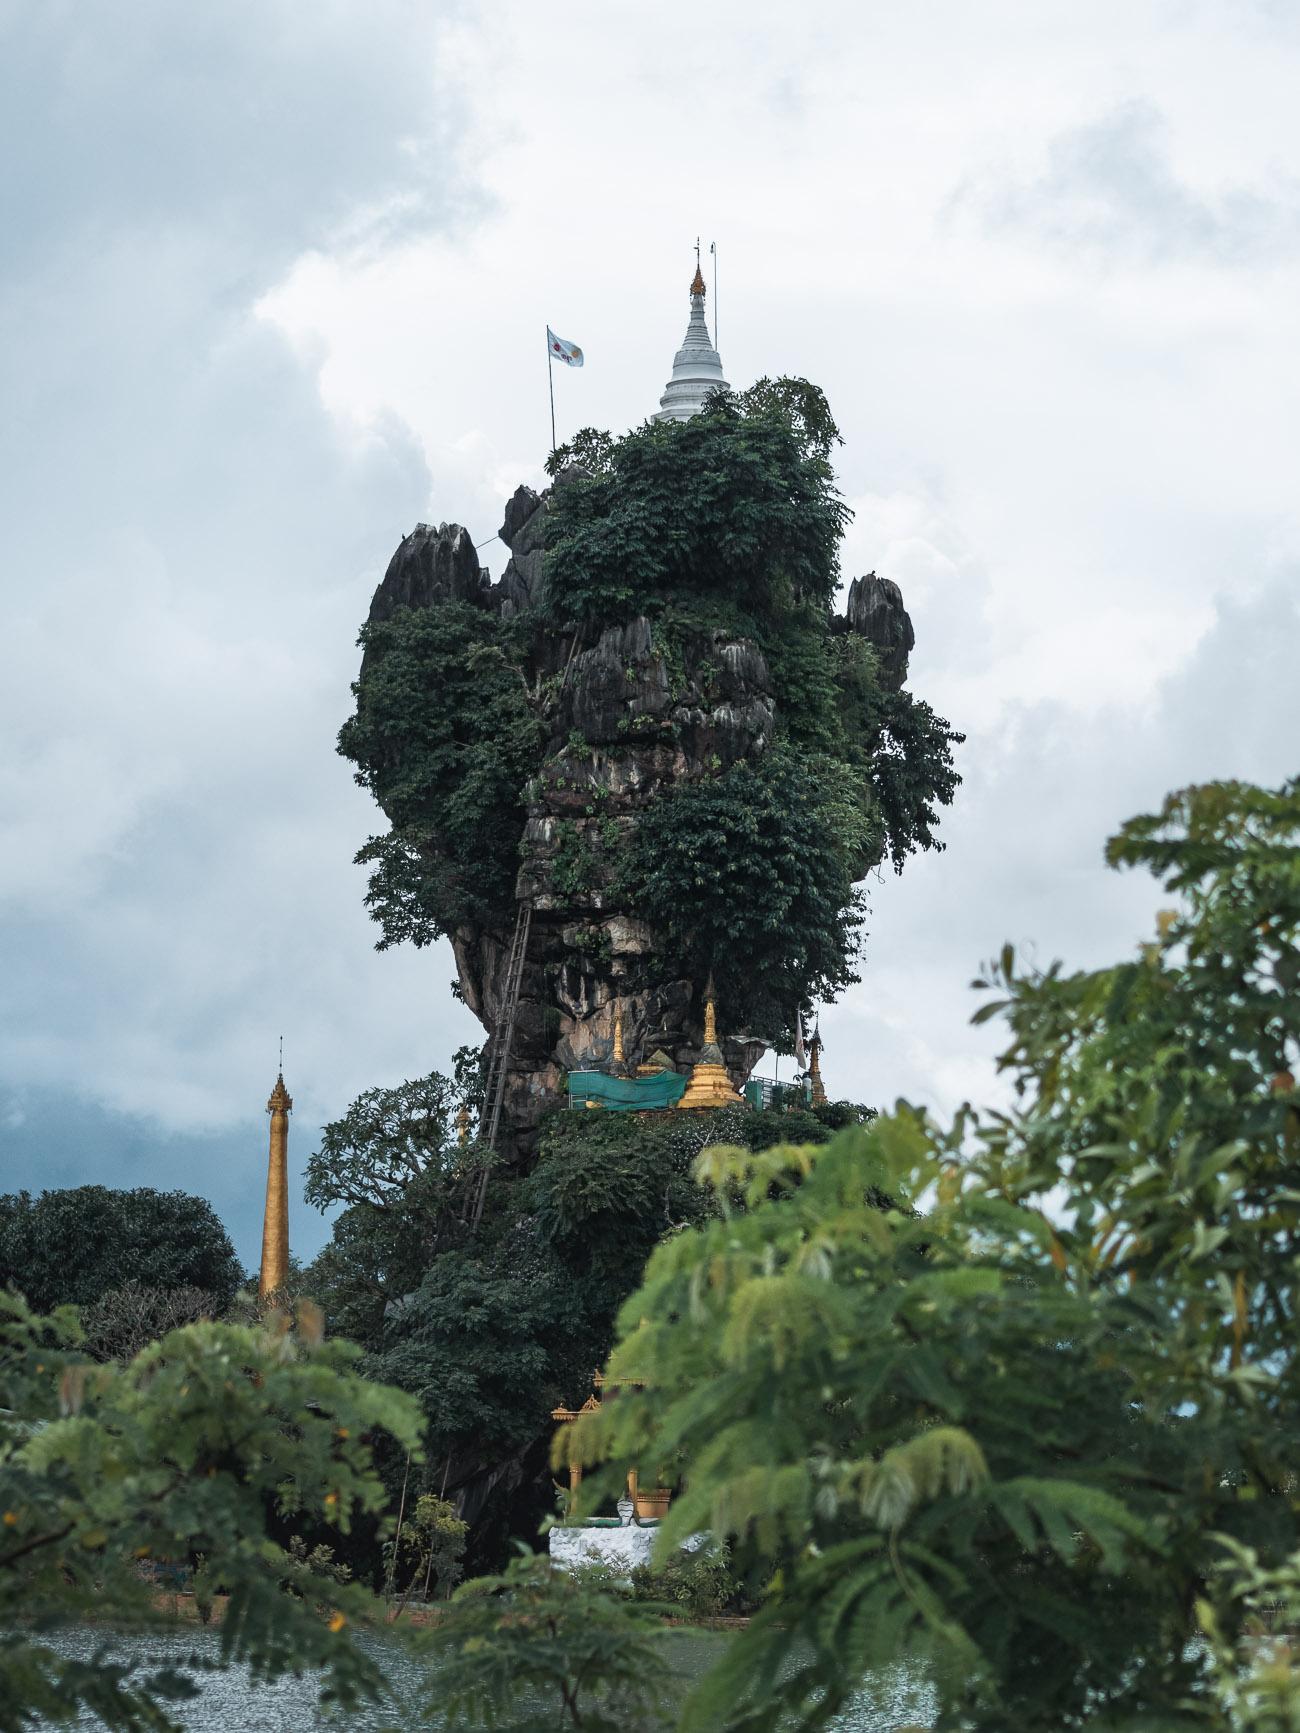 birma hpa-an kyauk-ka-lat pagoda